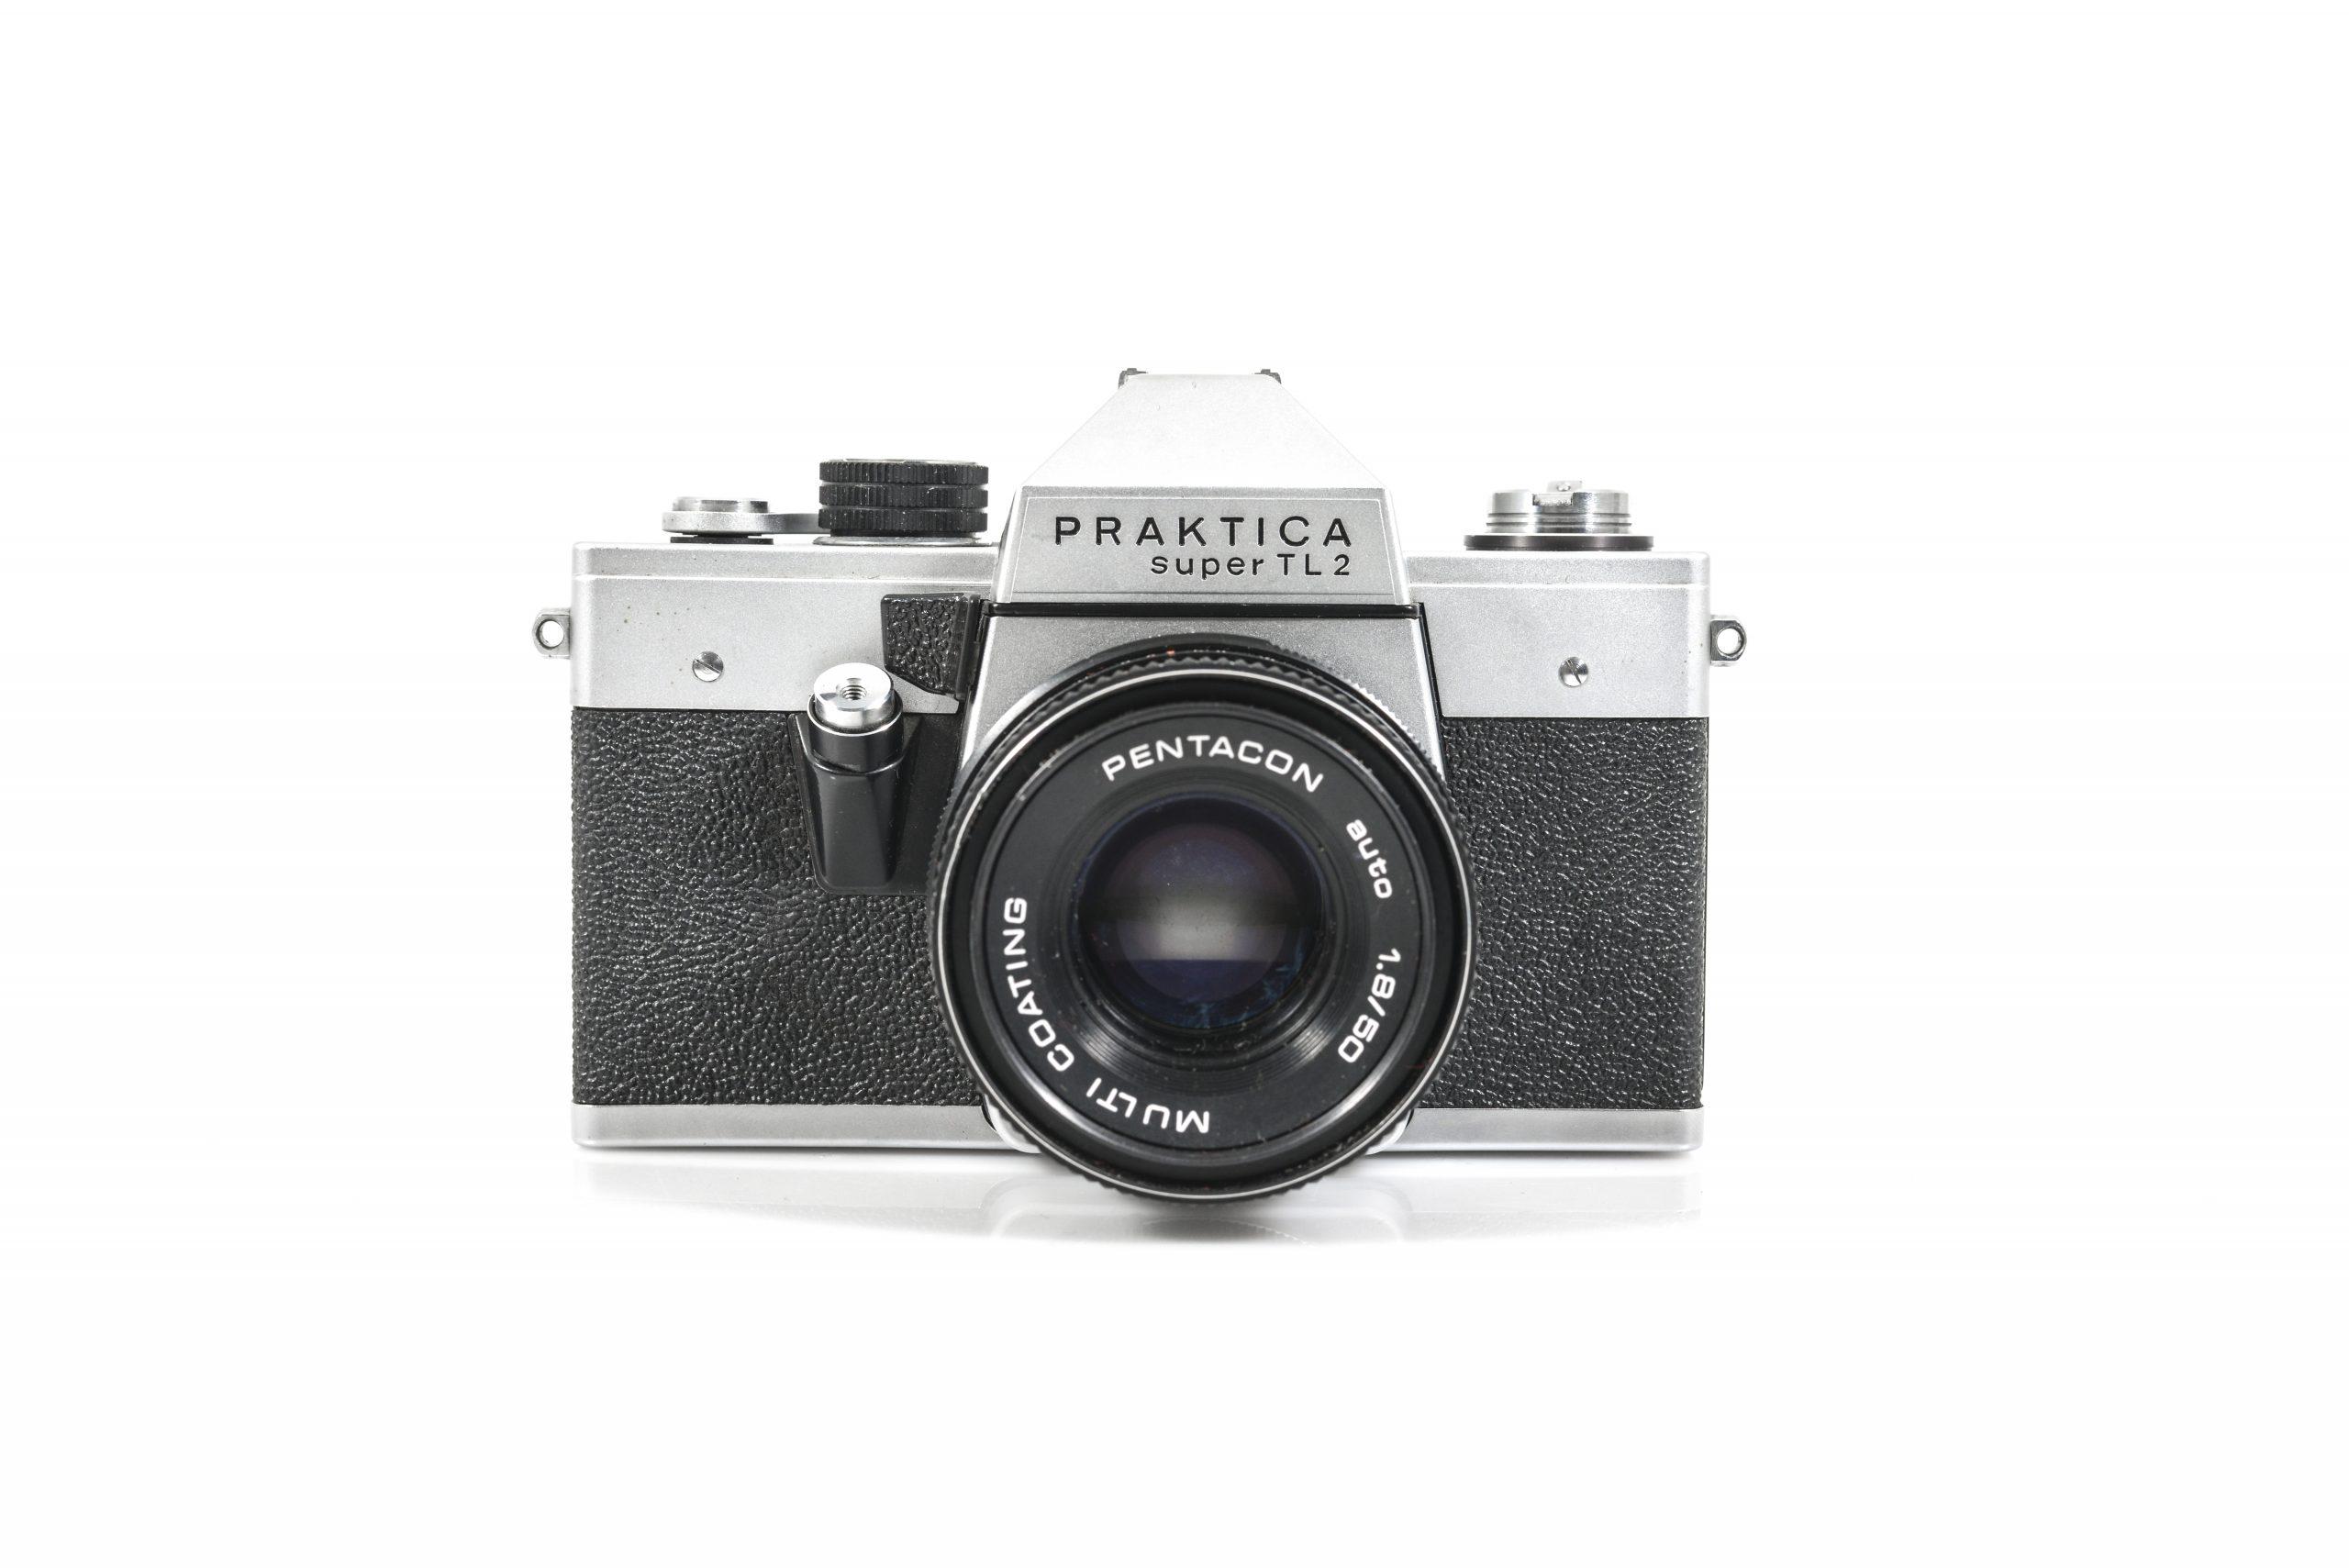 Praktica Super TL2 35mm Film Camera + Pentacon Auto/Manual 50mm F1.8 Lens